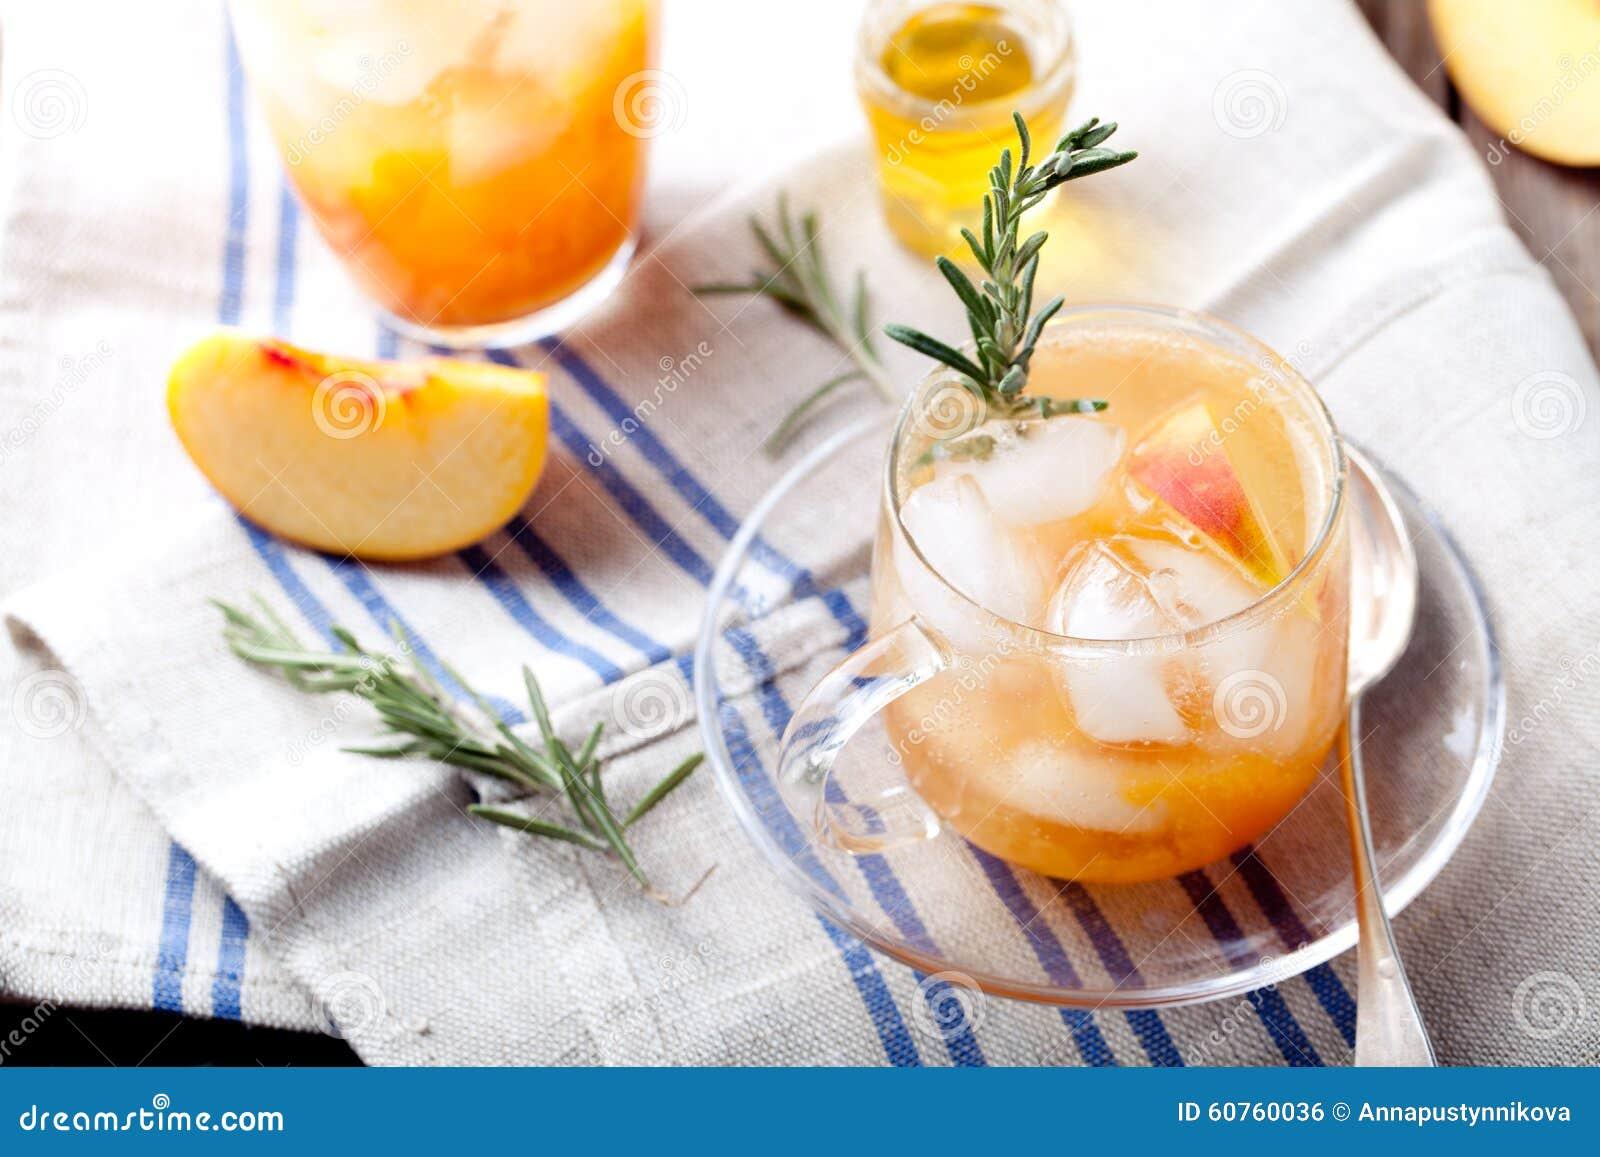 桃子和迷迭香嘶嘶响鸡尾酒.老鼠,庆祝.魔美食液体层大战塔50图片